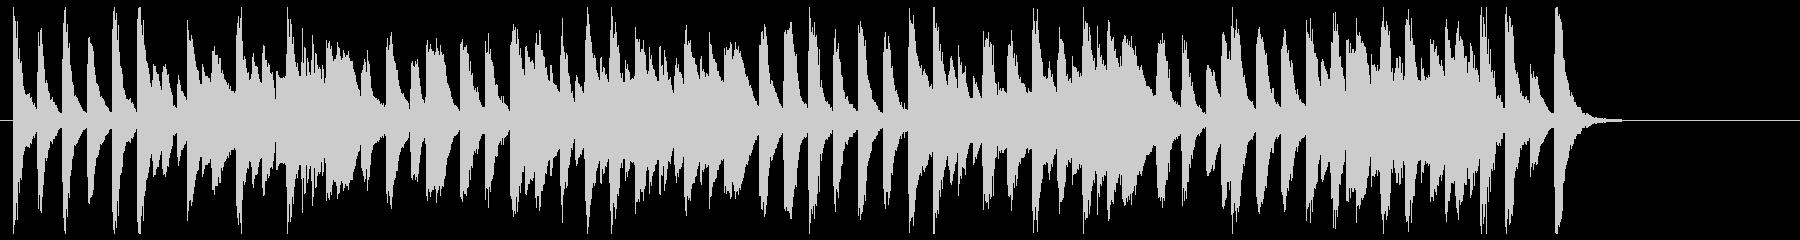 軽快でコミカルなジャズピアノ(ソロ)の未再生の波形